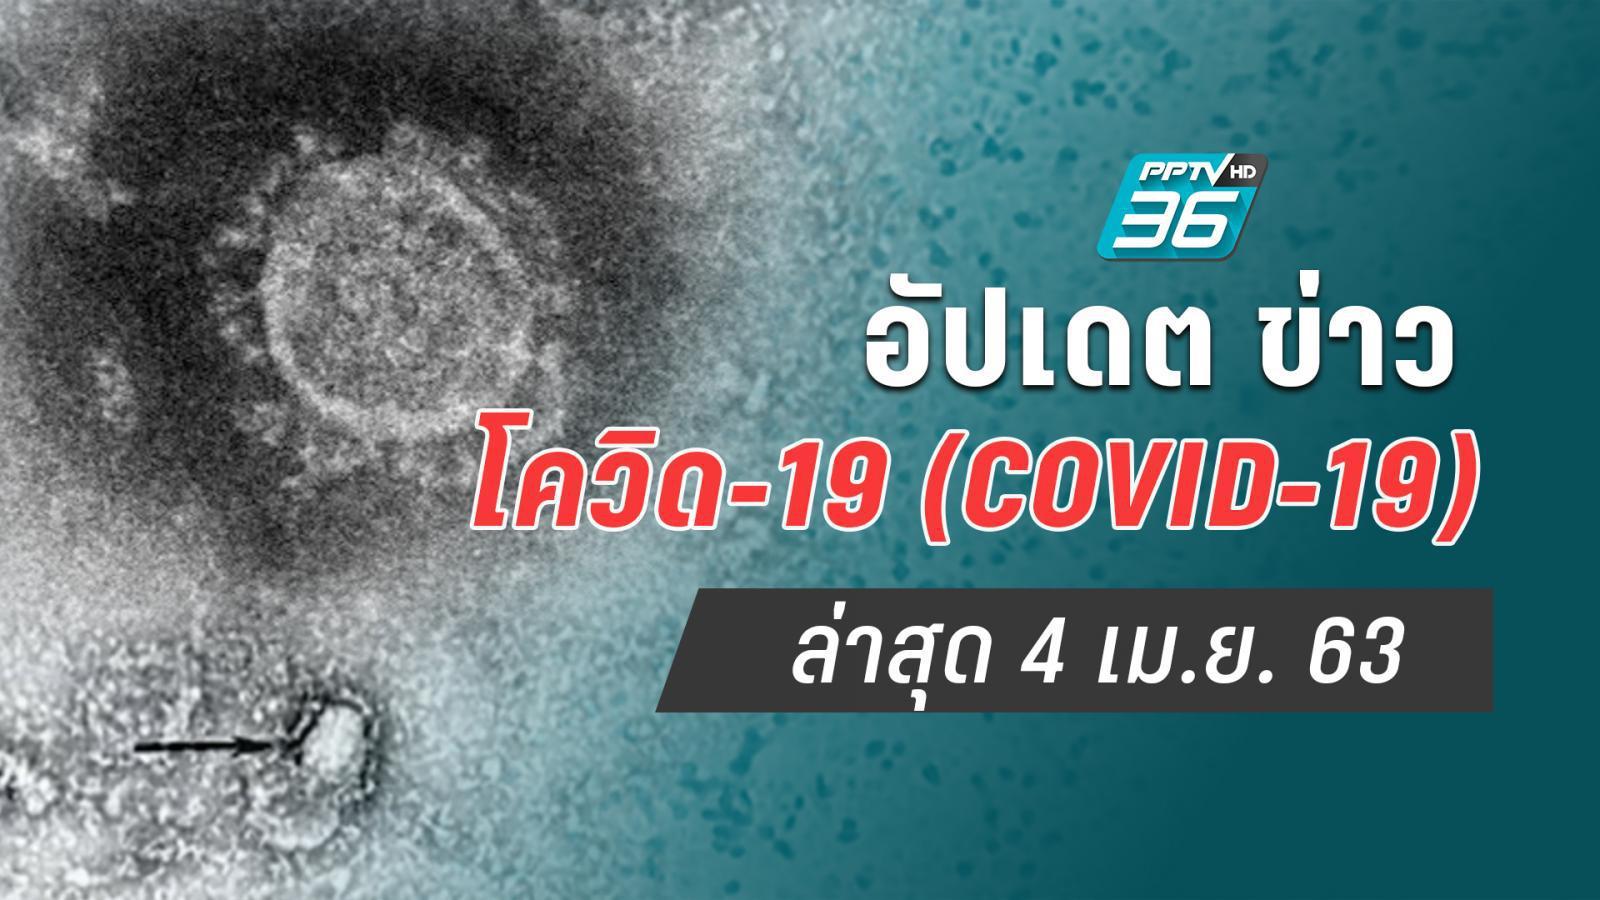 อัปเดตข่าวโควิด-19 (COVID-19) ล่าสุด 4เม.ย. 63